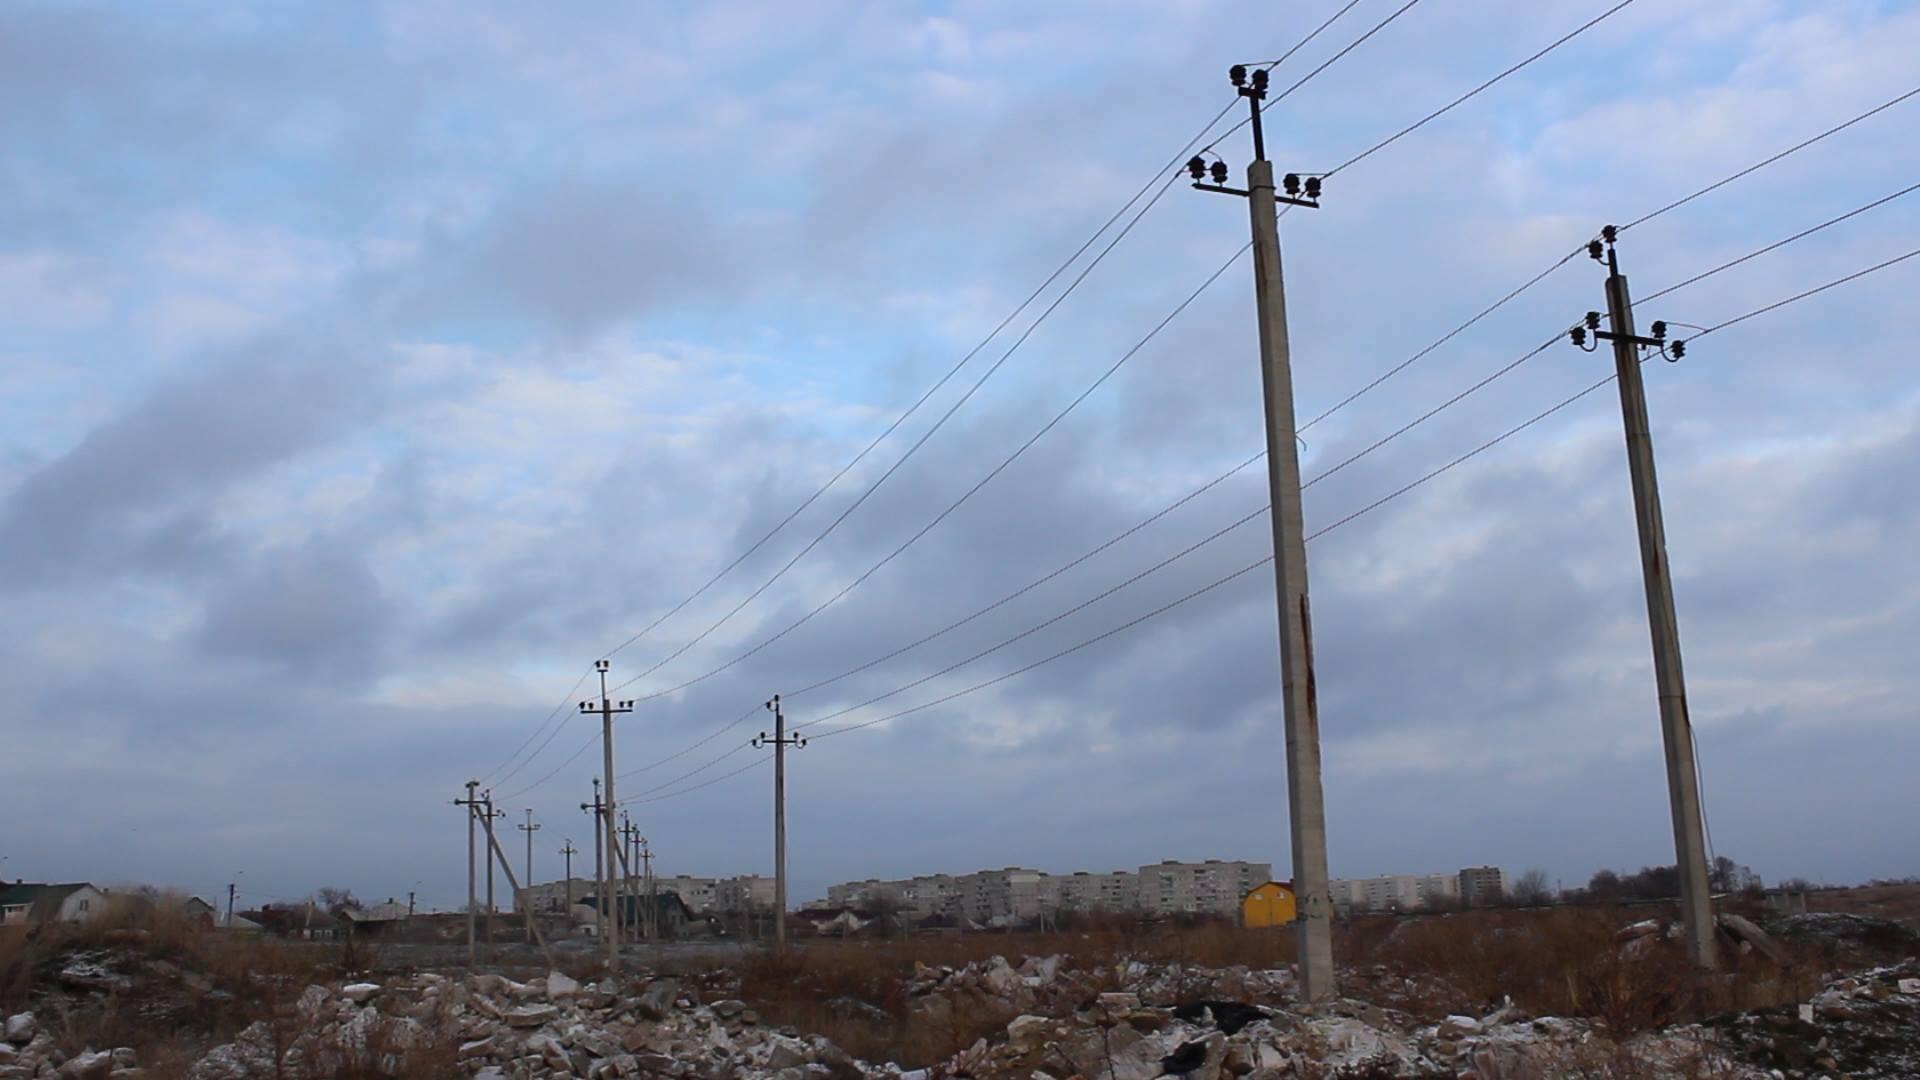 Ані рабів, ані землі: Як влада Маріуполя видала бійцям АТО ділянки на смітнику і в болоті - фото 6